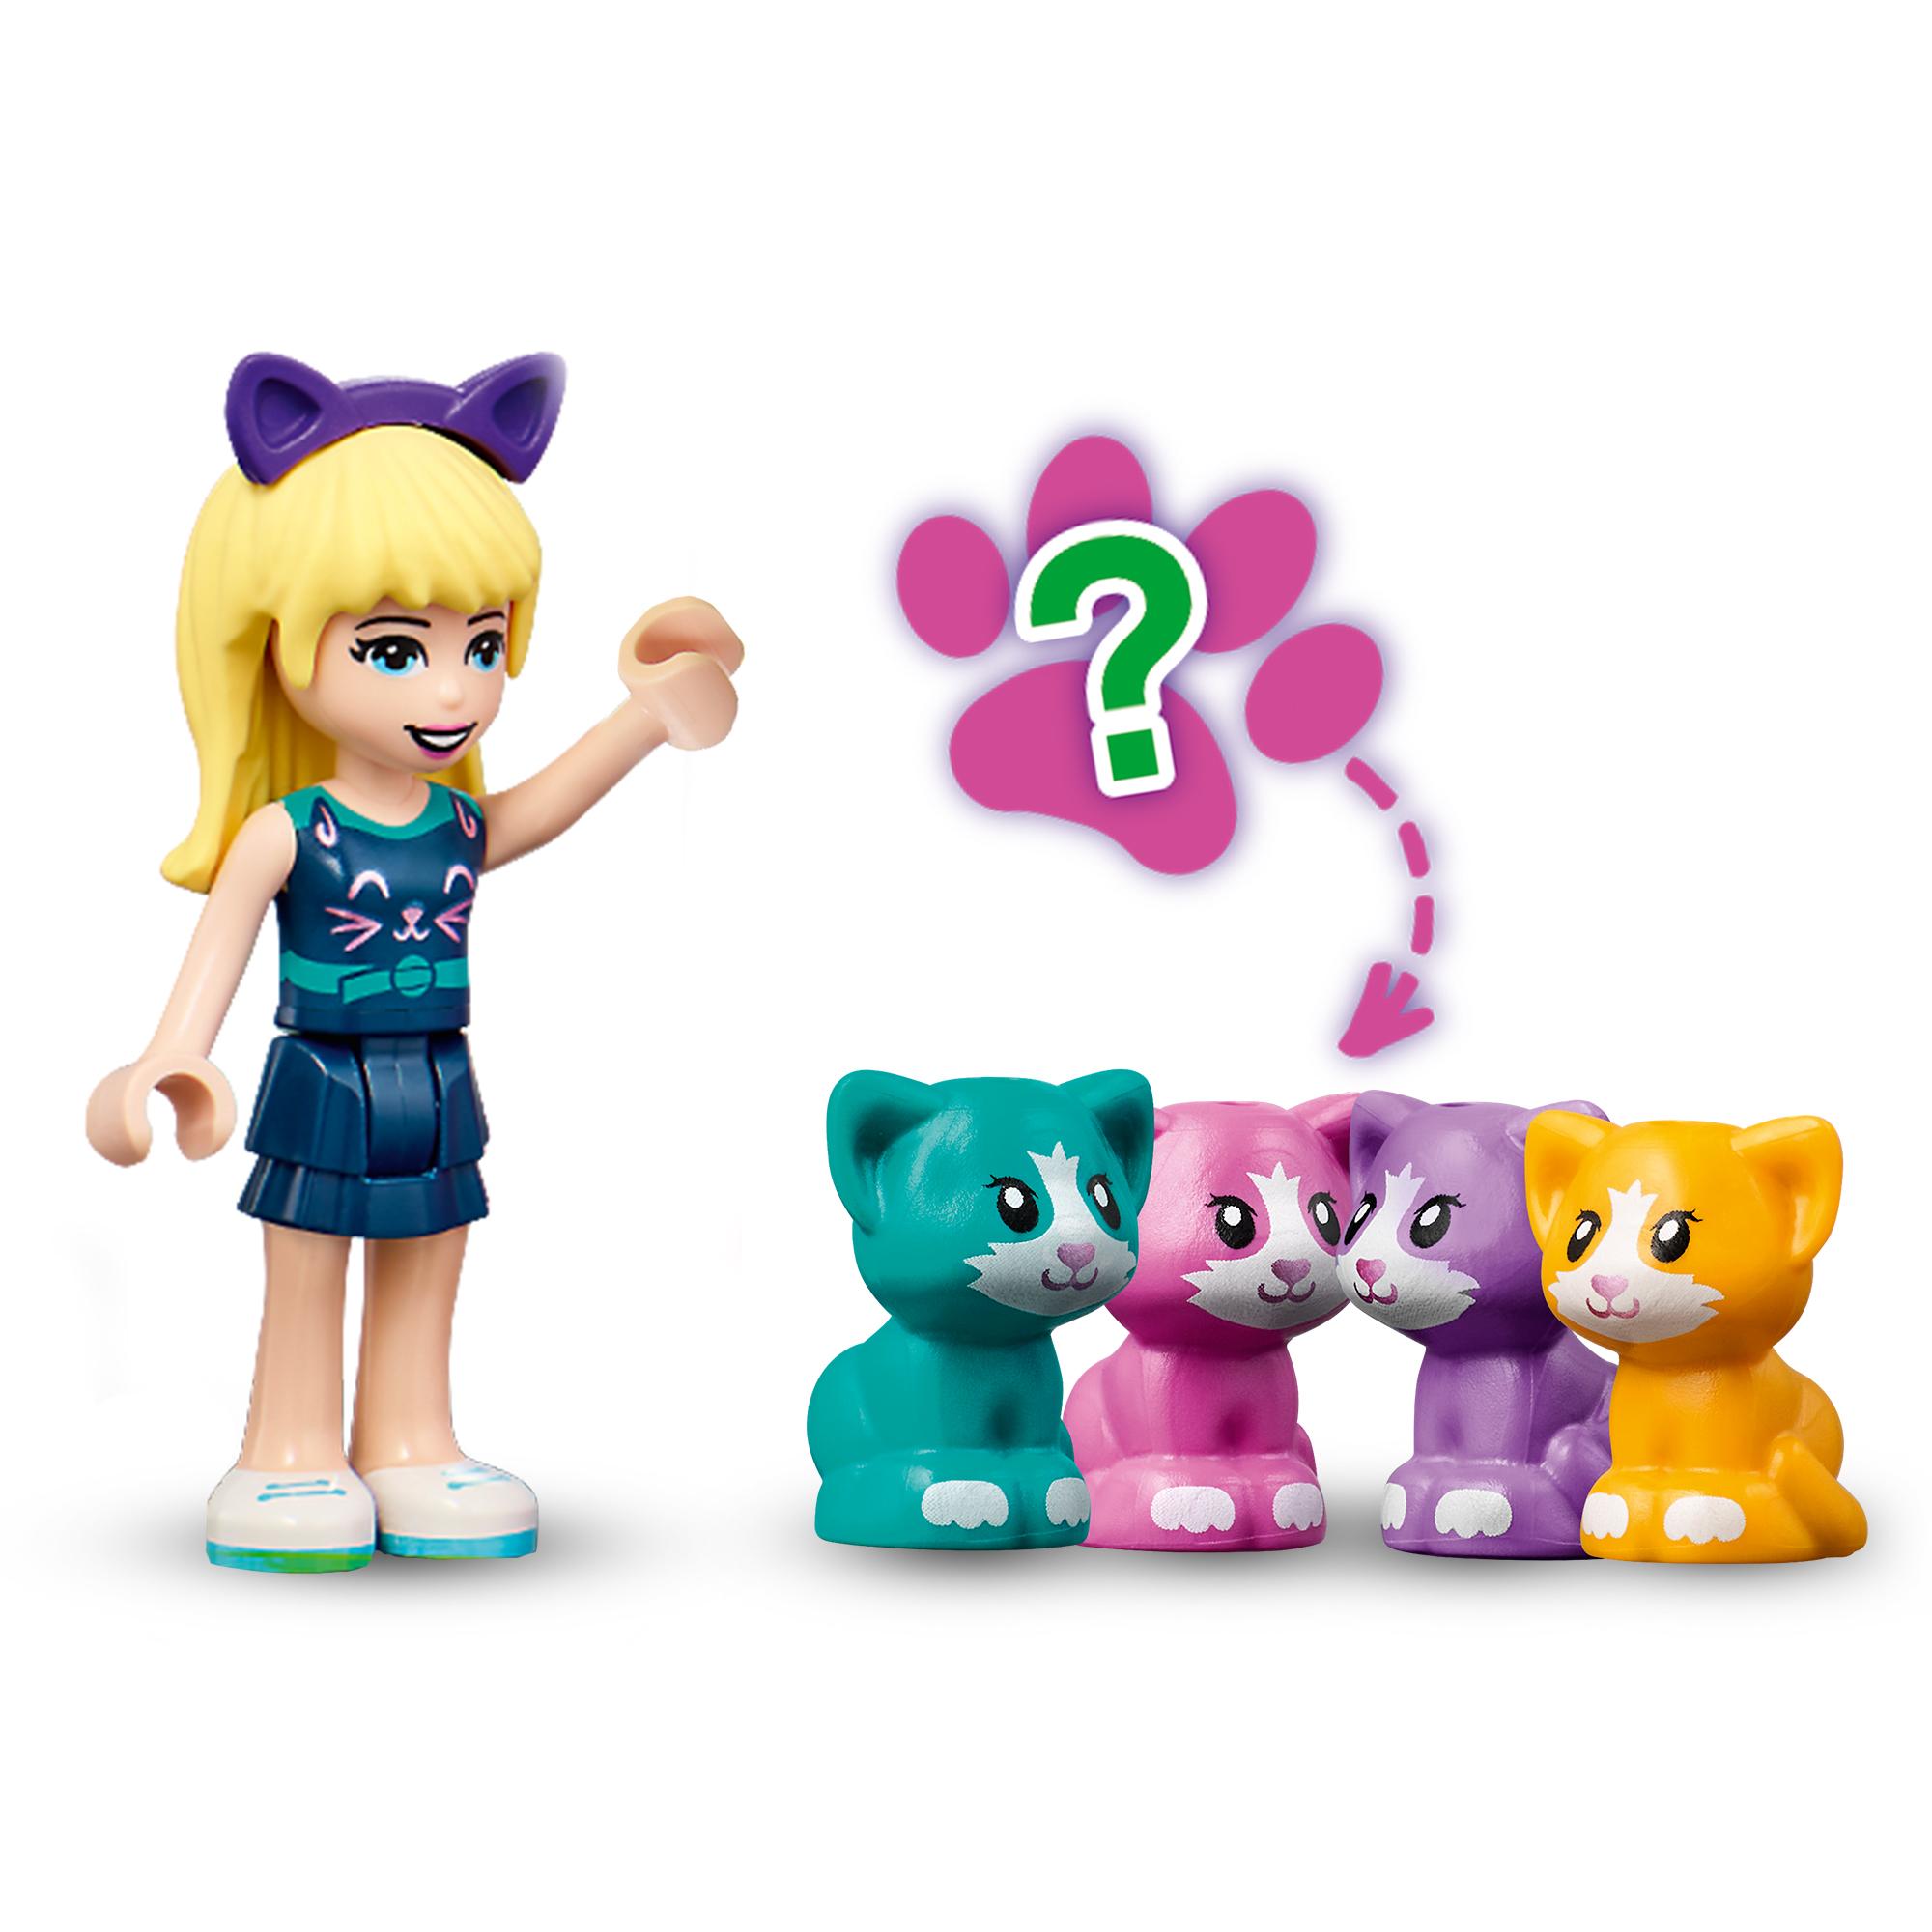 Lego friends il cubo del gatto di stephanie - 41665 - Friends, LEGO FRIENDS